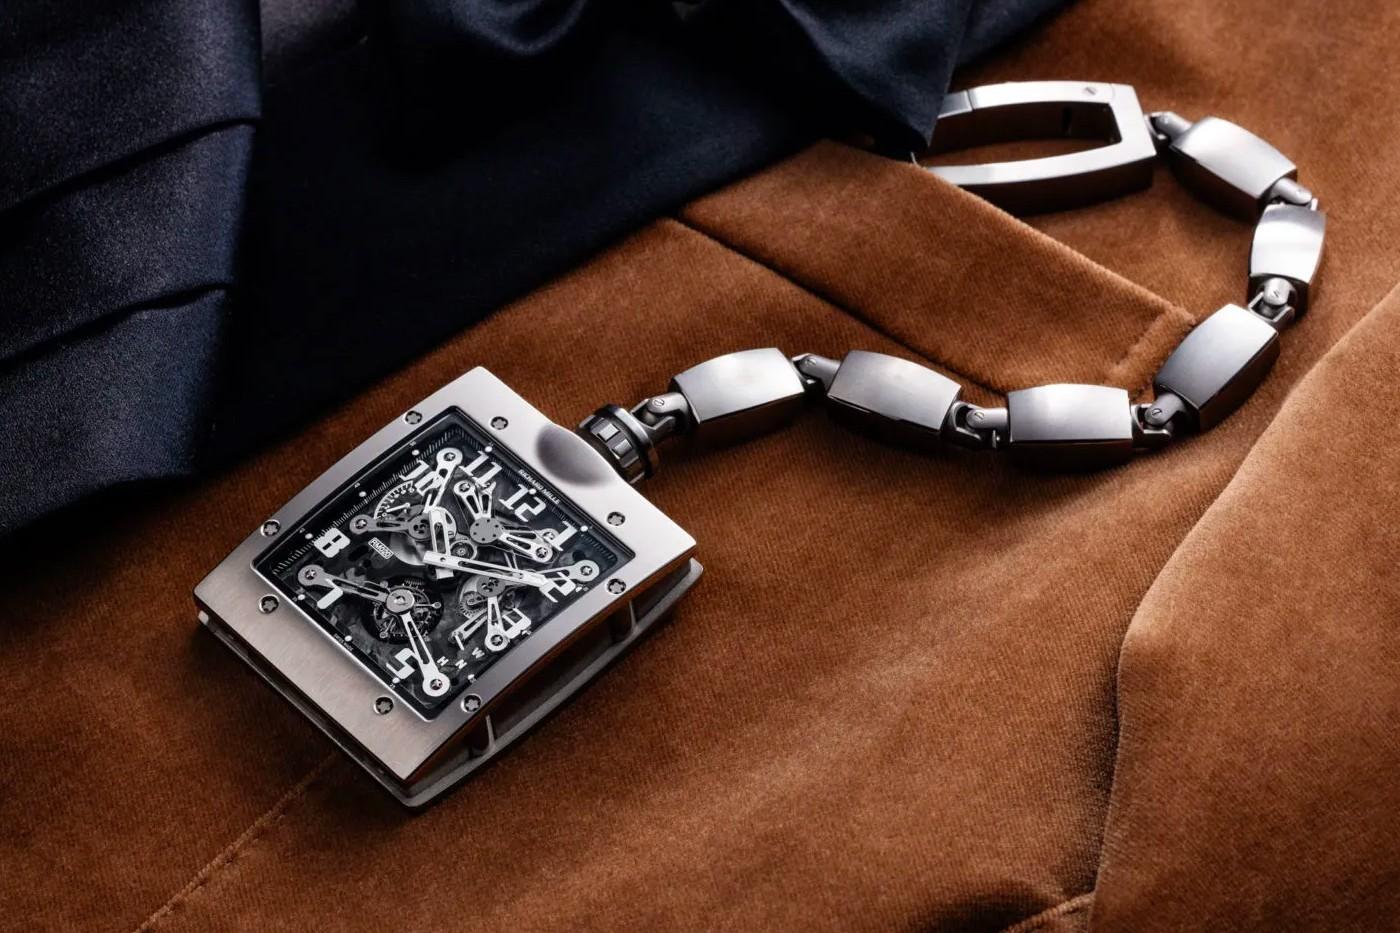 Review mẫu đồng hồ bỏ túi Tourbillon mới nhất hiện nay củaRichard Mille